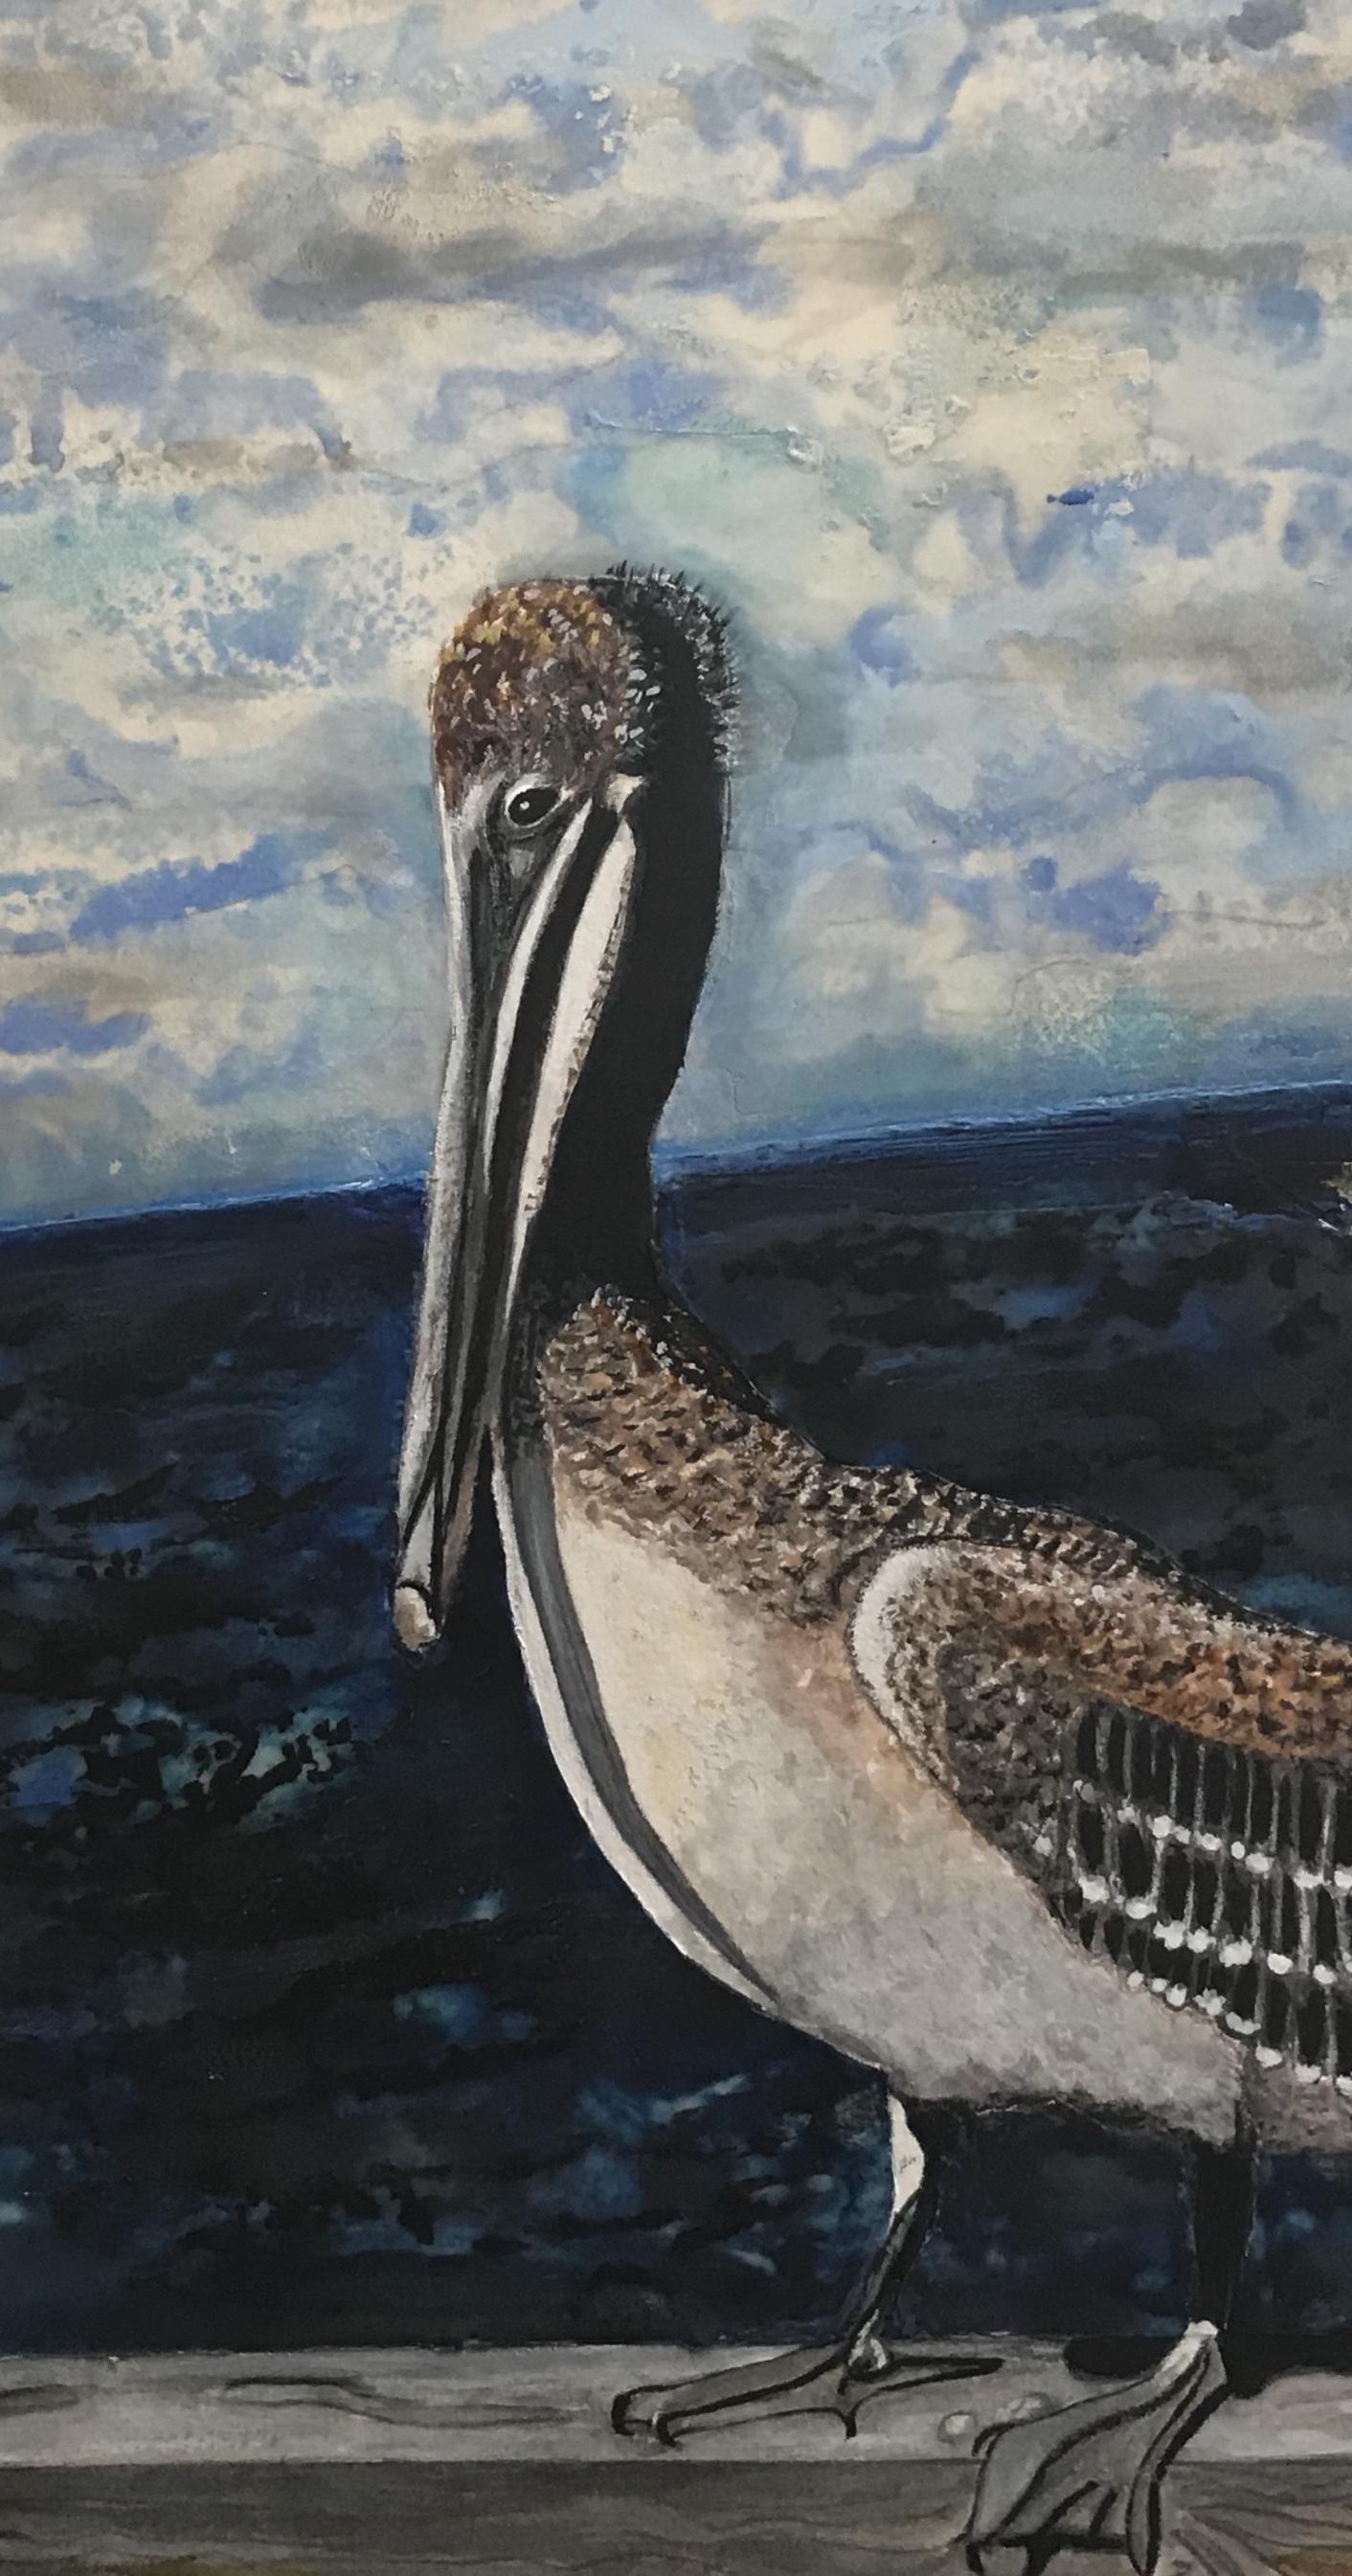 Steinhilper, Maggie-My Sister's Pelican.